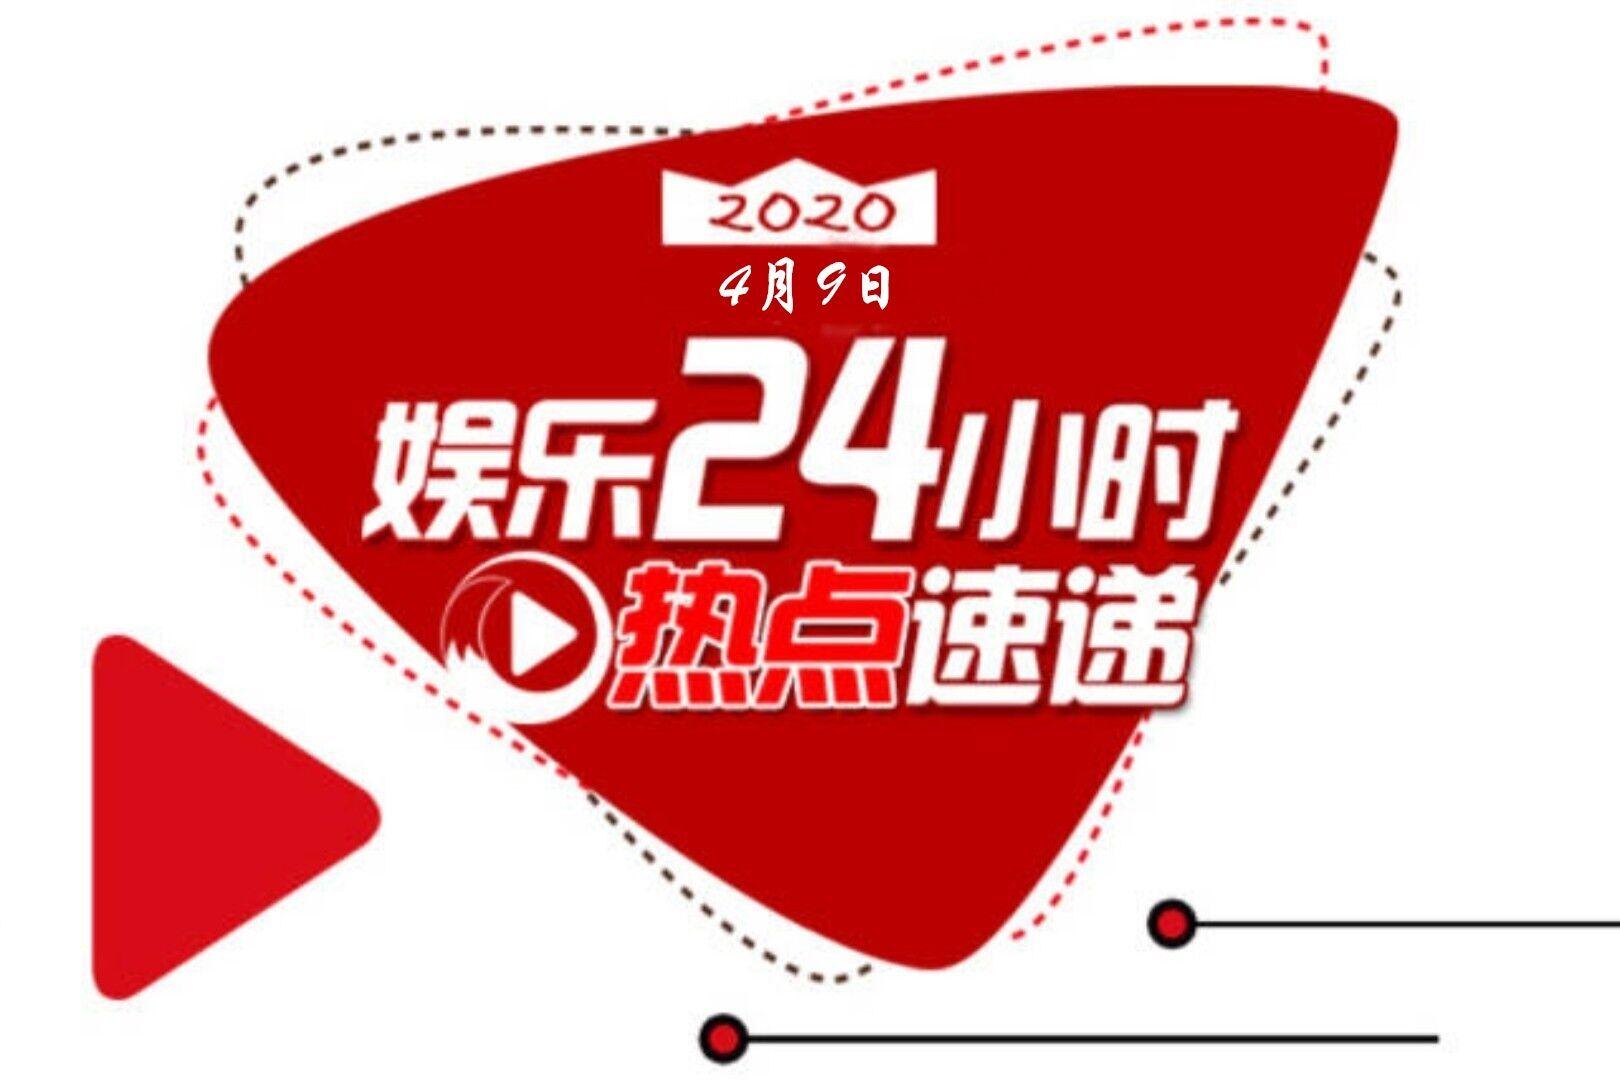 【娱乐24小时】倪震疑再出轨;王传君齐溪疑坐实恋情;张超被曝出轨多人